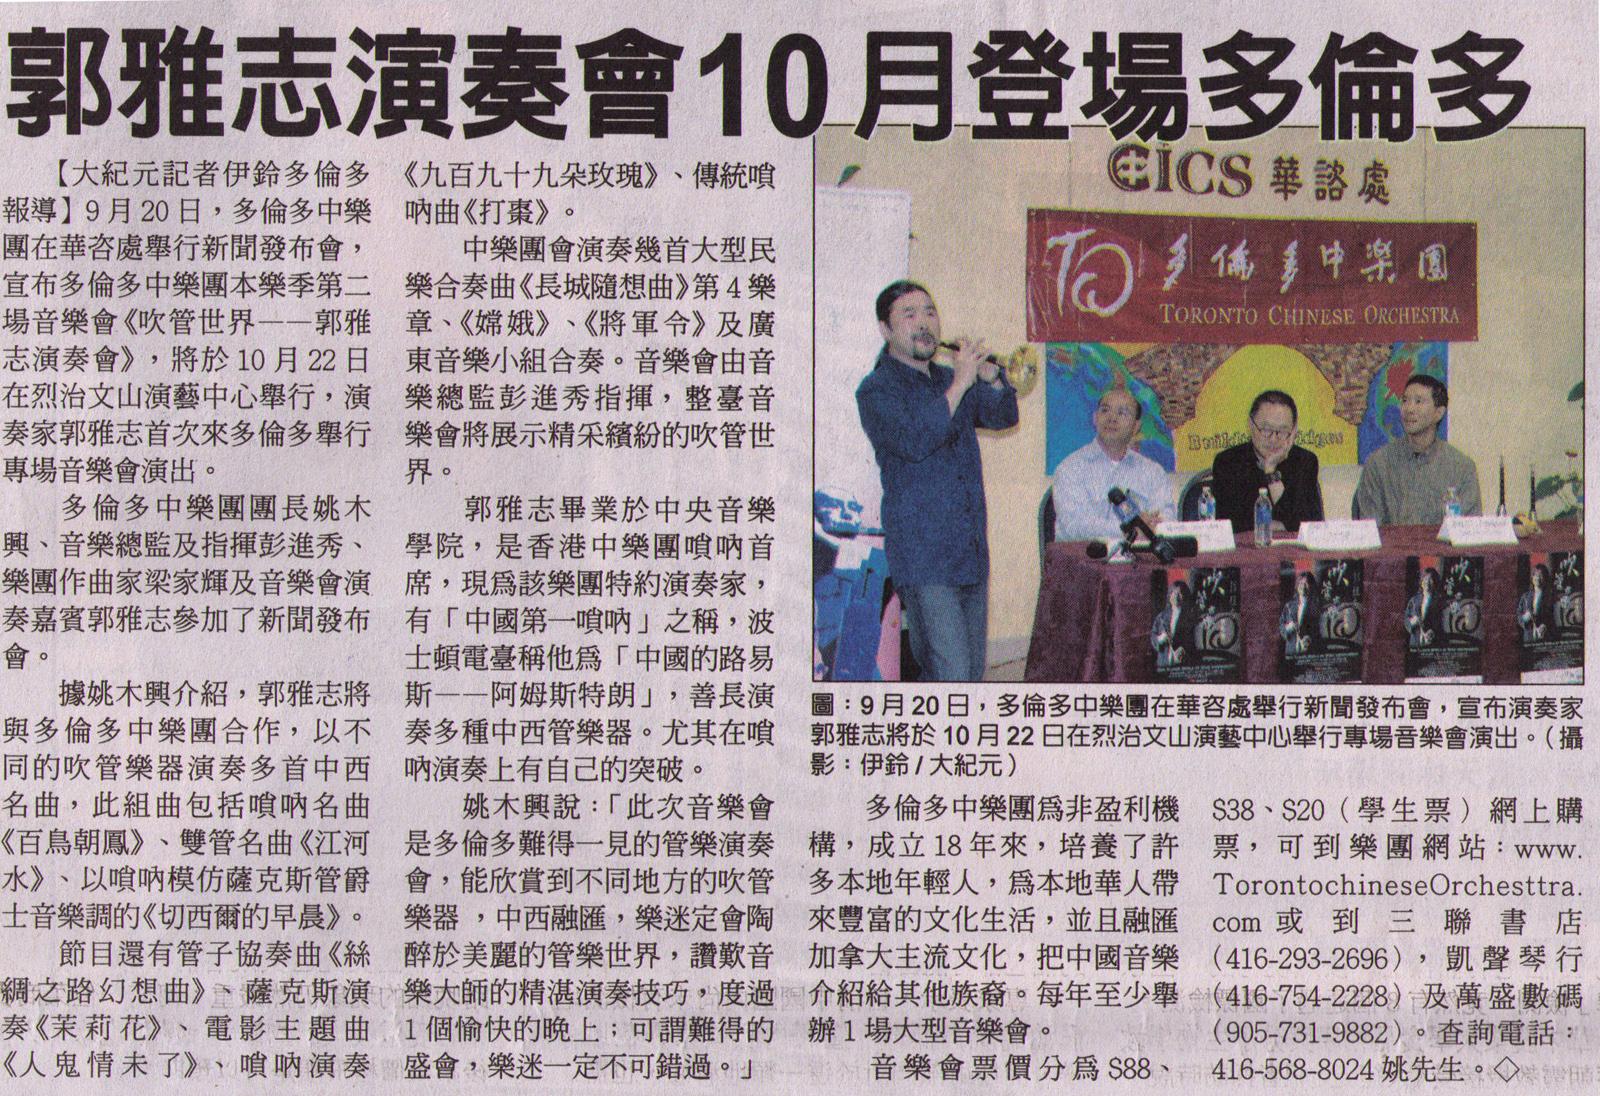 2011年9月21日大紀元:  郭雅志演奏會10月登場多倫多